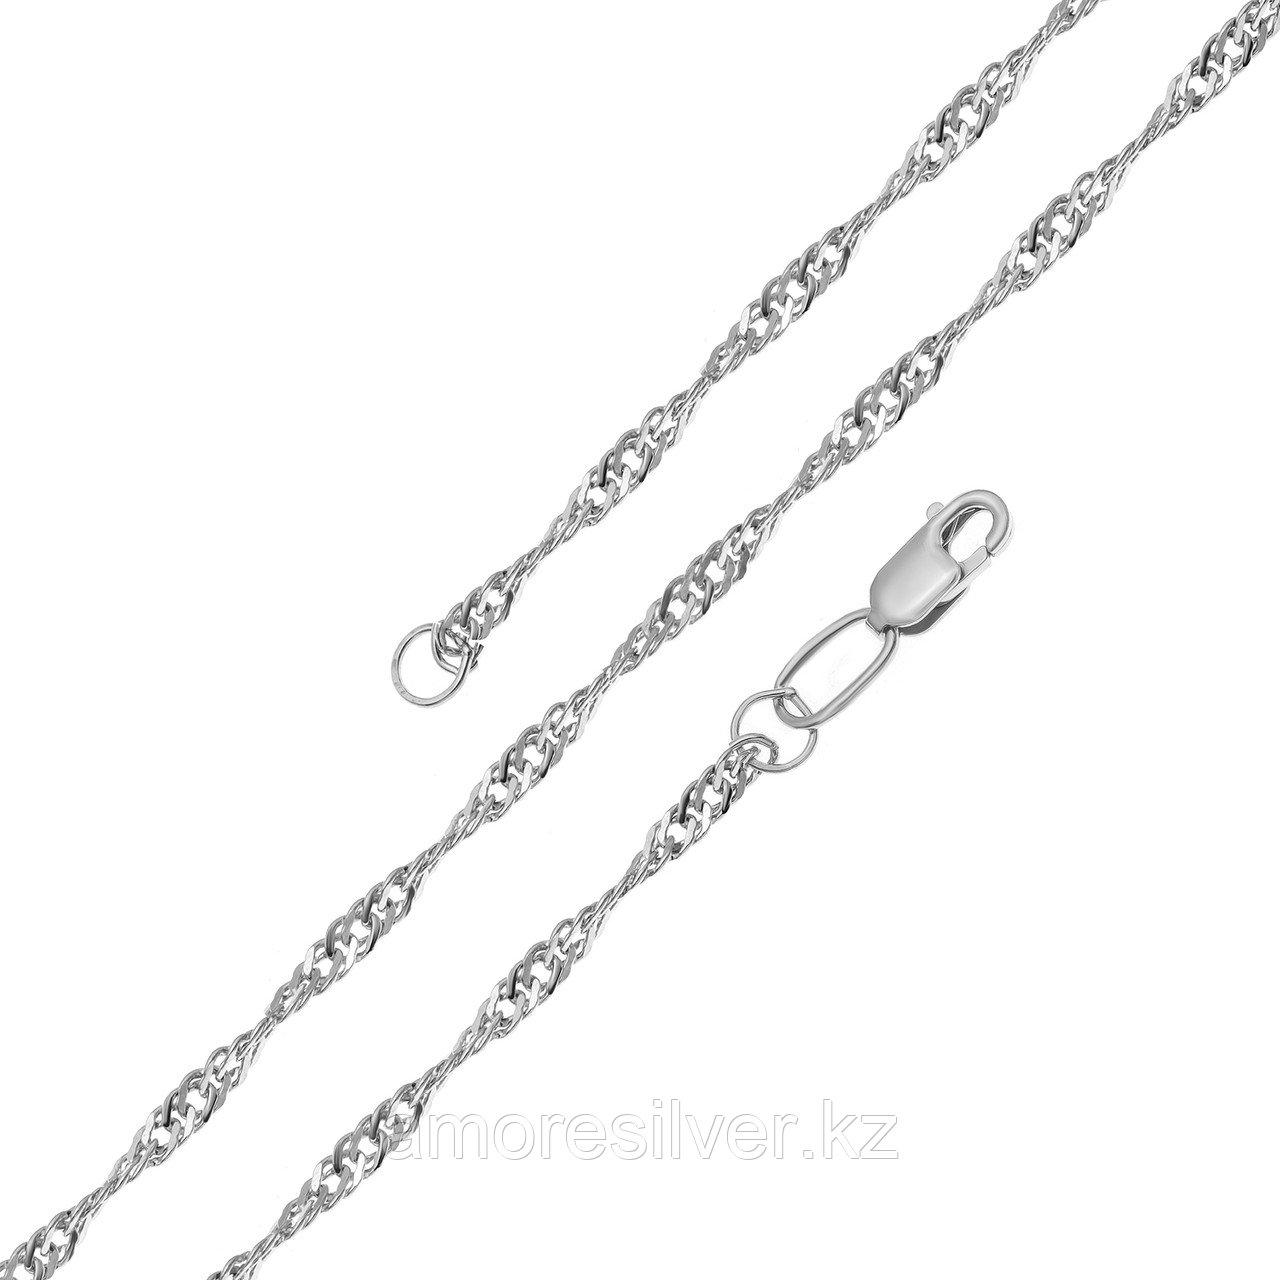 Цепь  серебро с родием, без вставок, сингапур 81035022740 размеры - 40